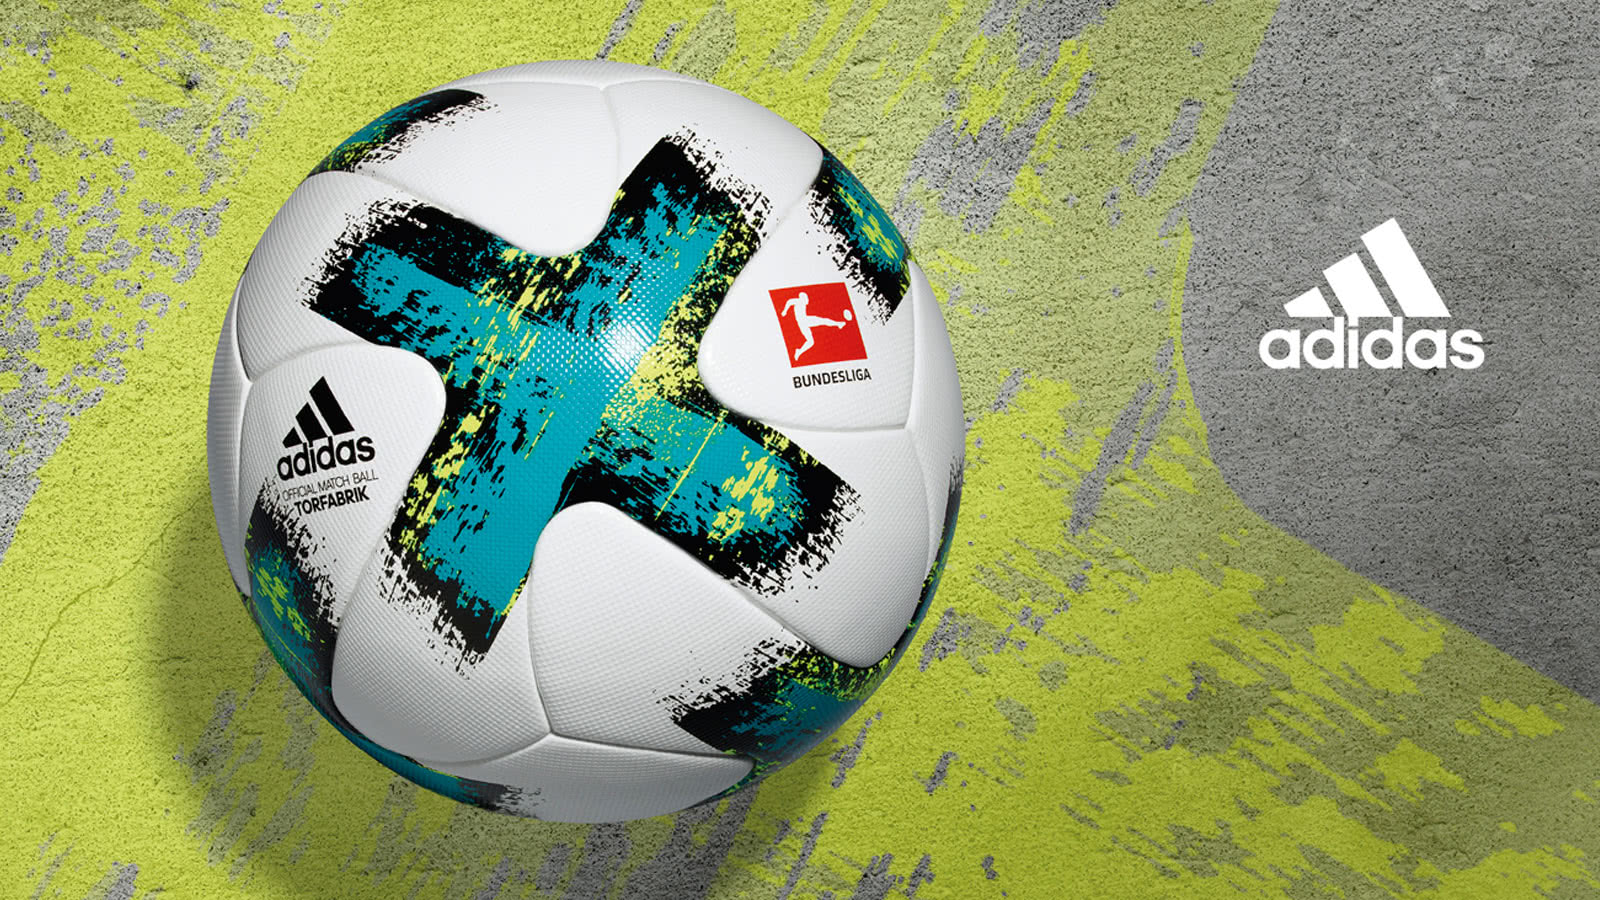 Kauf dir mit dem Adidas Torfabrik den offiziellen Adidas Bundesliga Spielball. Jetzt günstig zum Sonderpreis